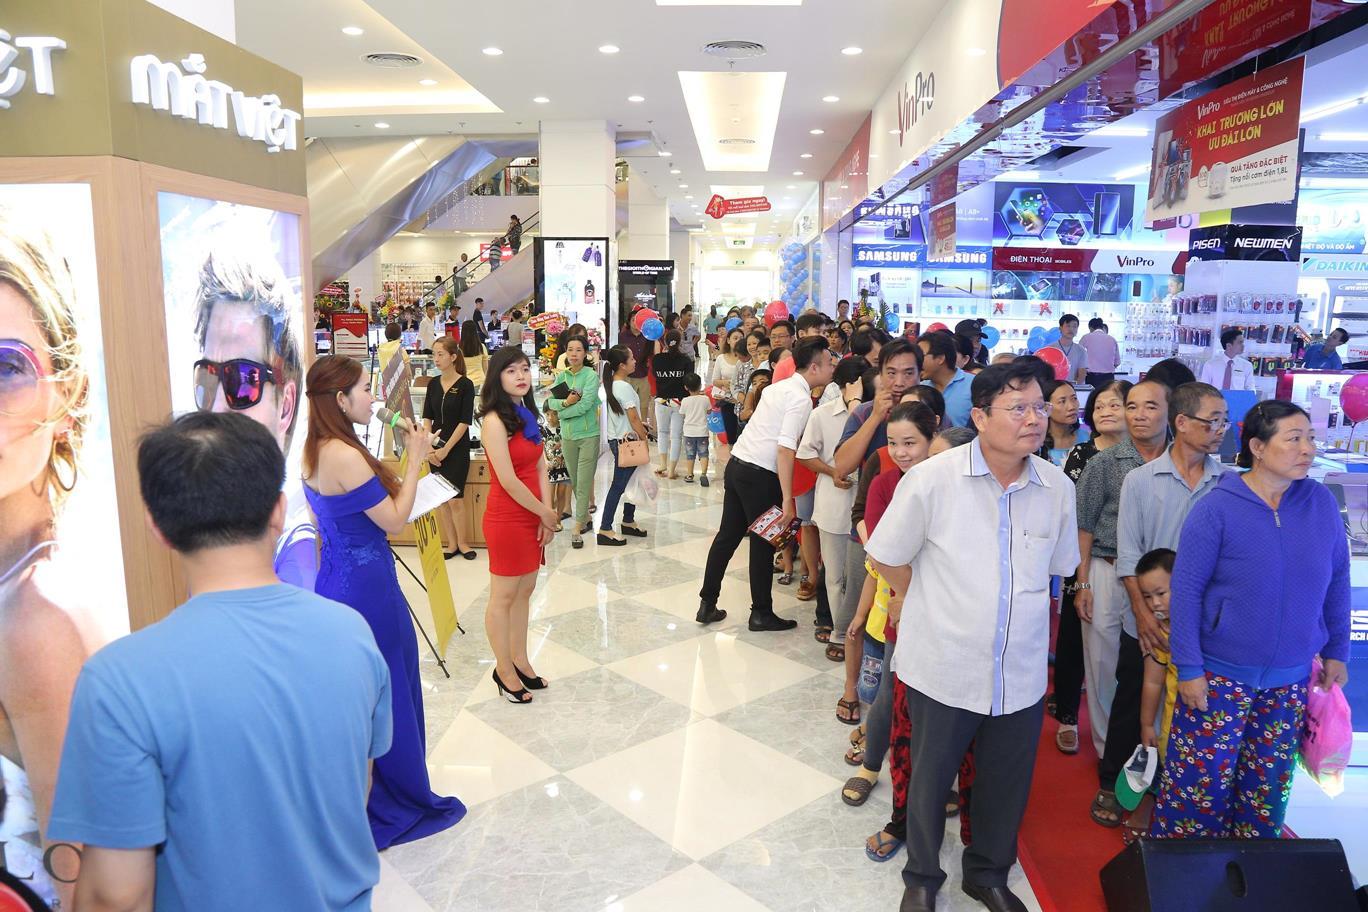 Hàng trăm khách hàng đang xếp hàng dài chờ đến lượt mua hàng với giá đặc biệt ưu đãi